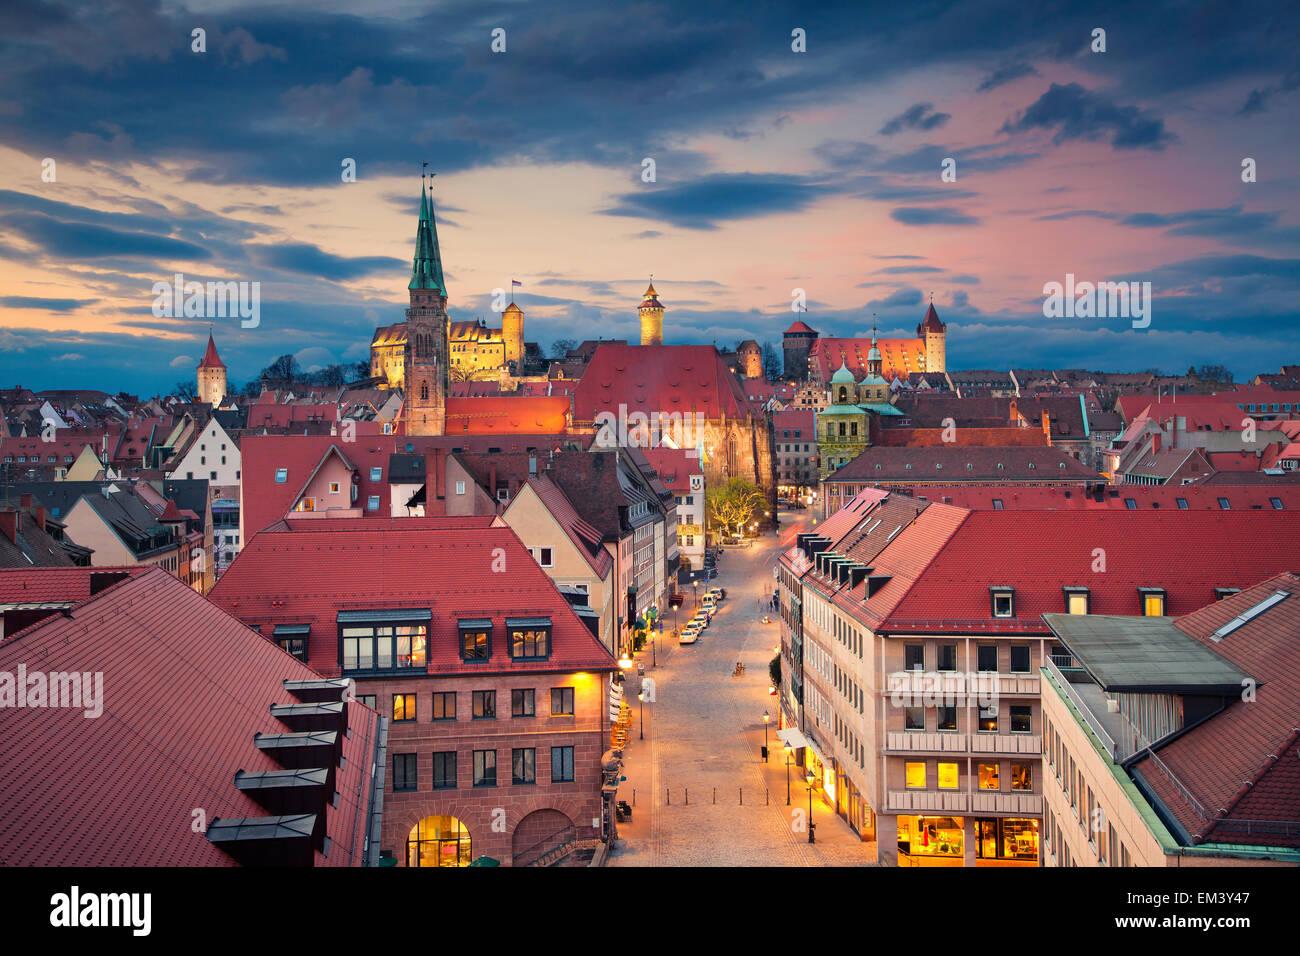 Nuremberg. Imagen del centro histórico de Nuremberg, Alemania, al atardecer. Imagen De Stock